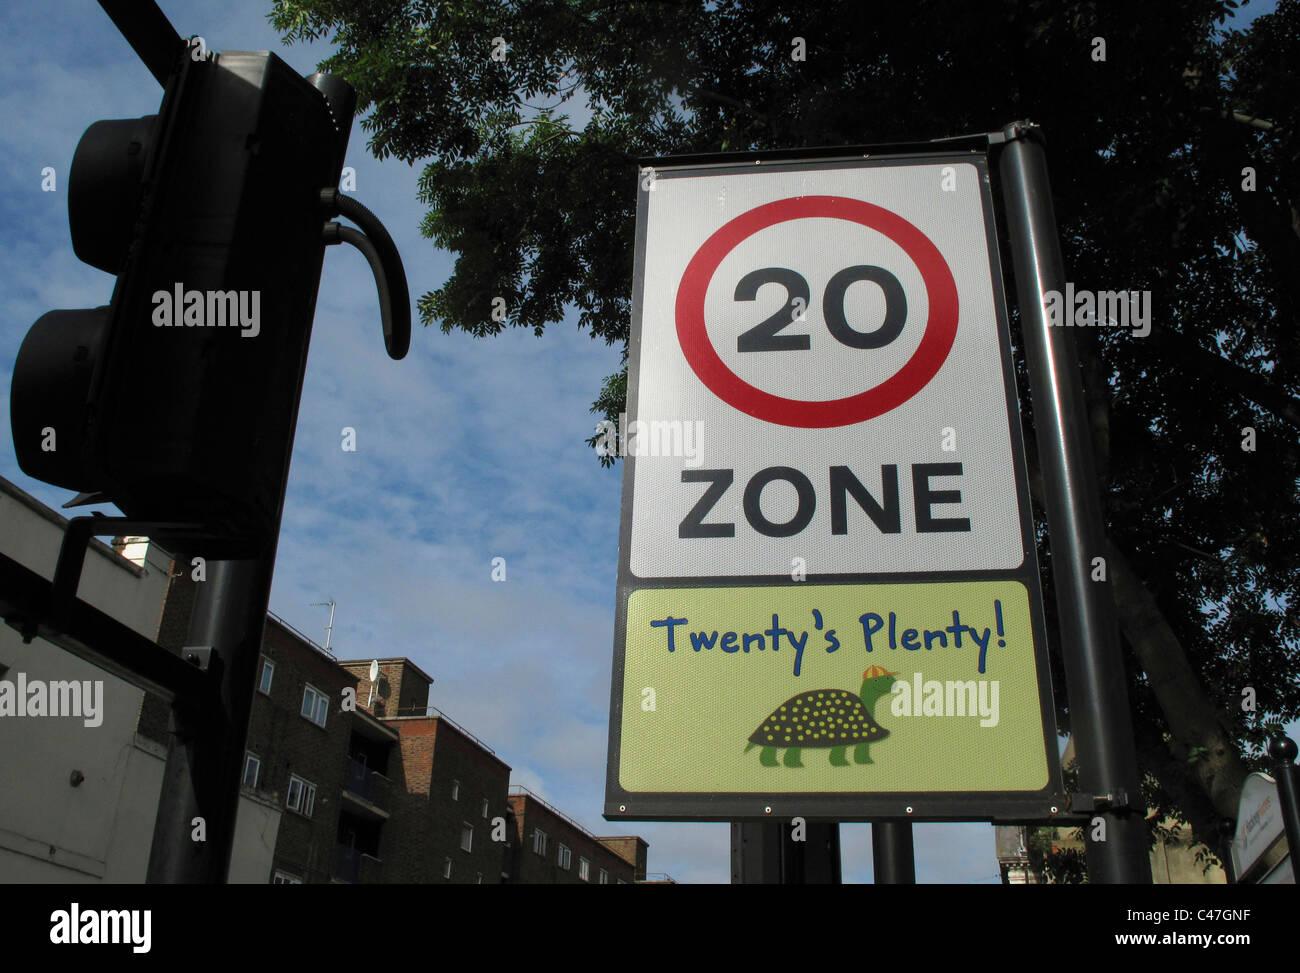 Vingt d'abondance 20mph vitesse limite signe, Hackney, Londres Photo Stock